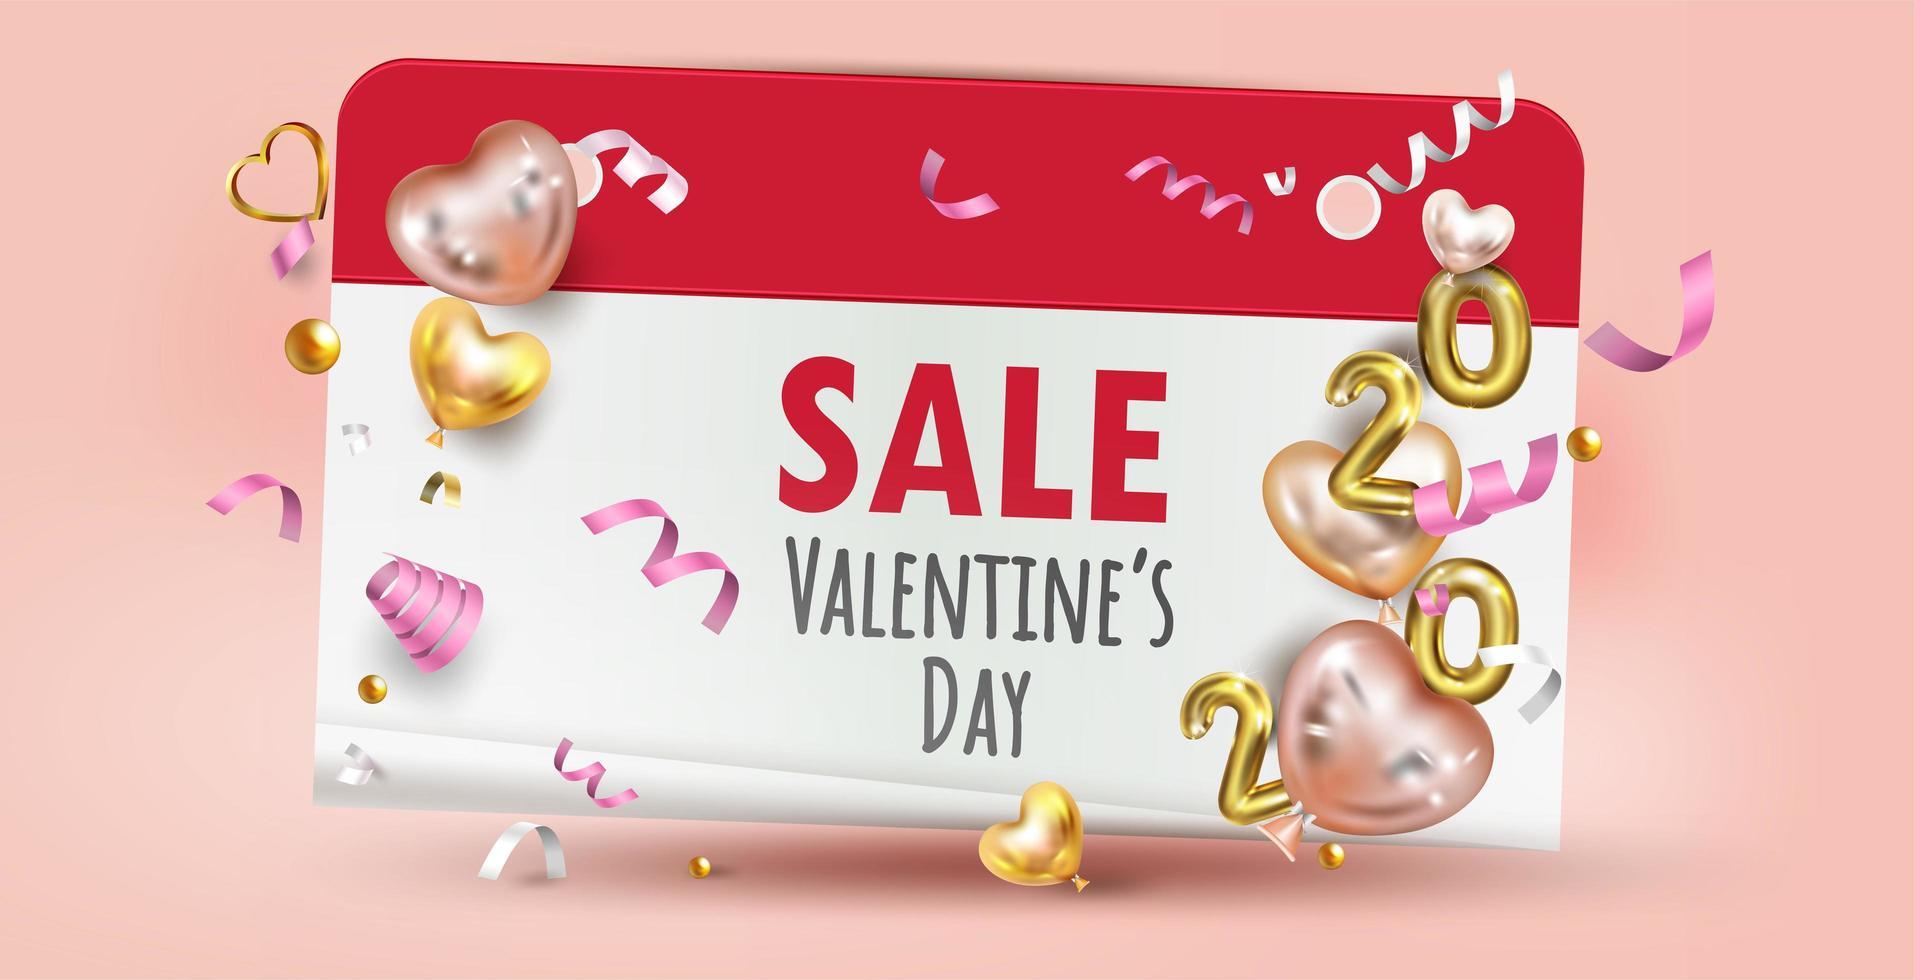 Happy Valentine's Day försäljning etikett med ballonger och konfetti vektor